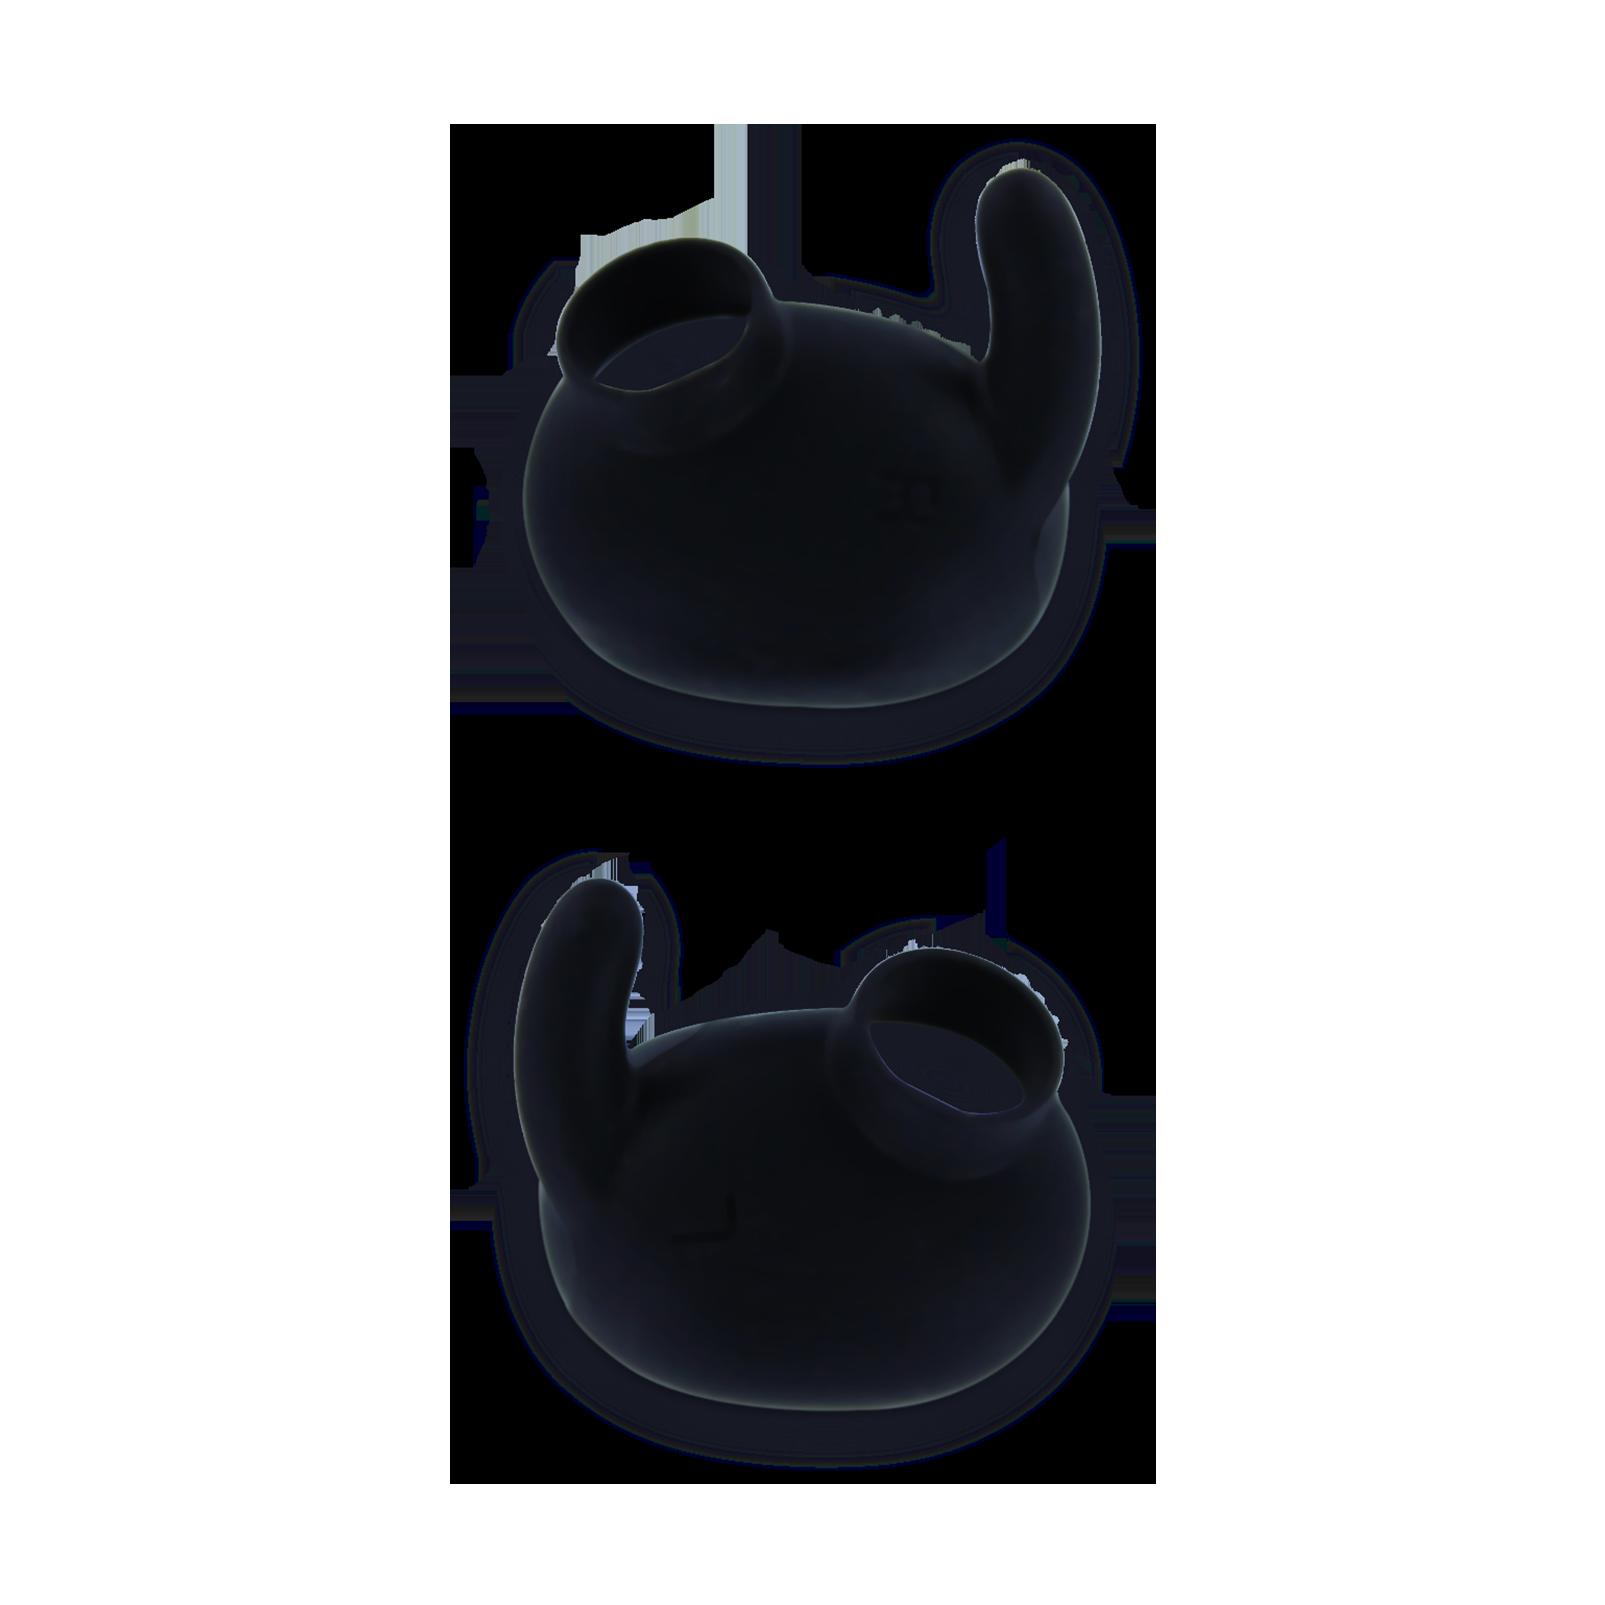 Ear hook set for V110BT - Blue - Ear hooks S (L+R) - Hero